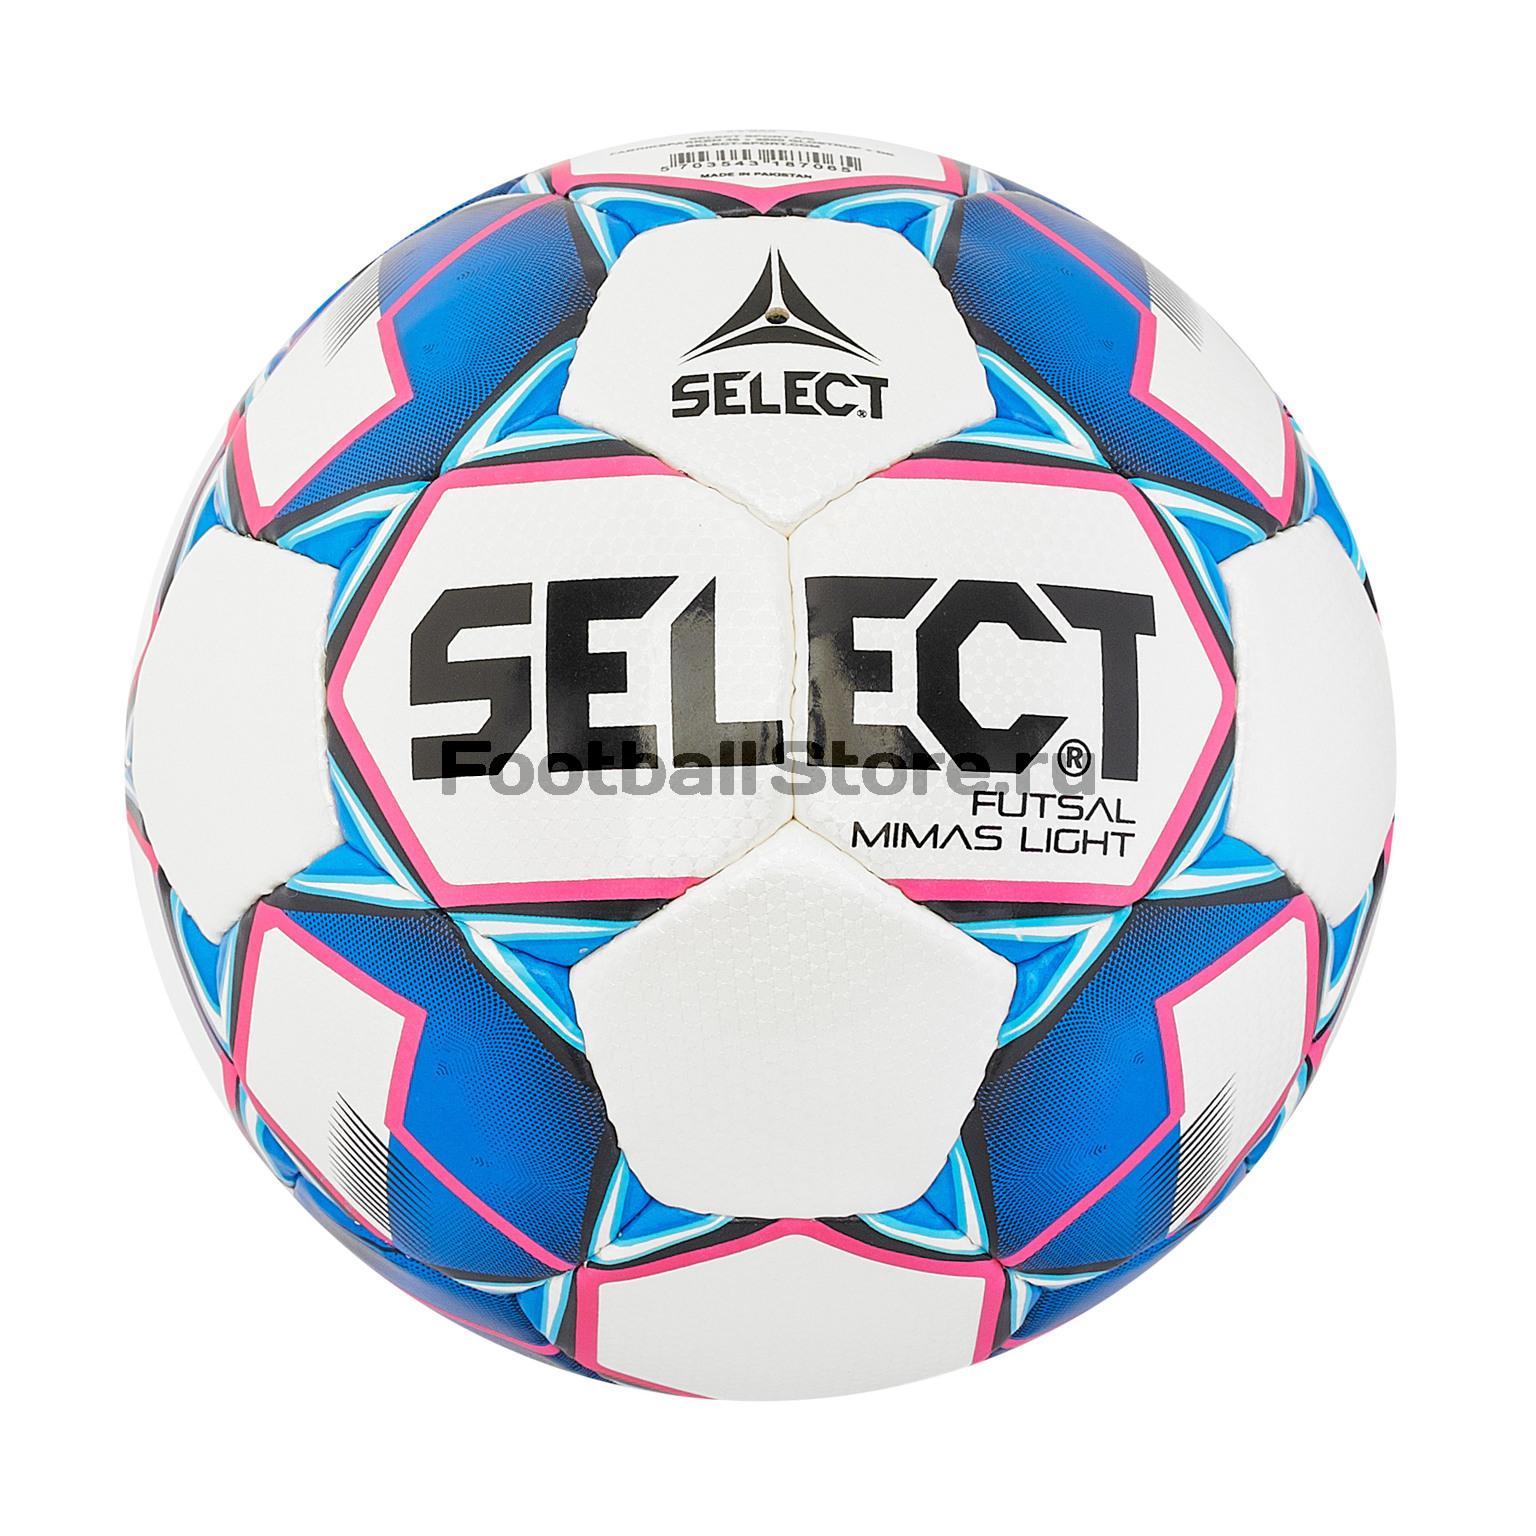 Футзальный мяч Select Futsal Mimas Light 852613-020 мяч футзальный select futsal talento 11 852616 049 р 3